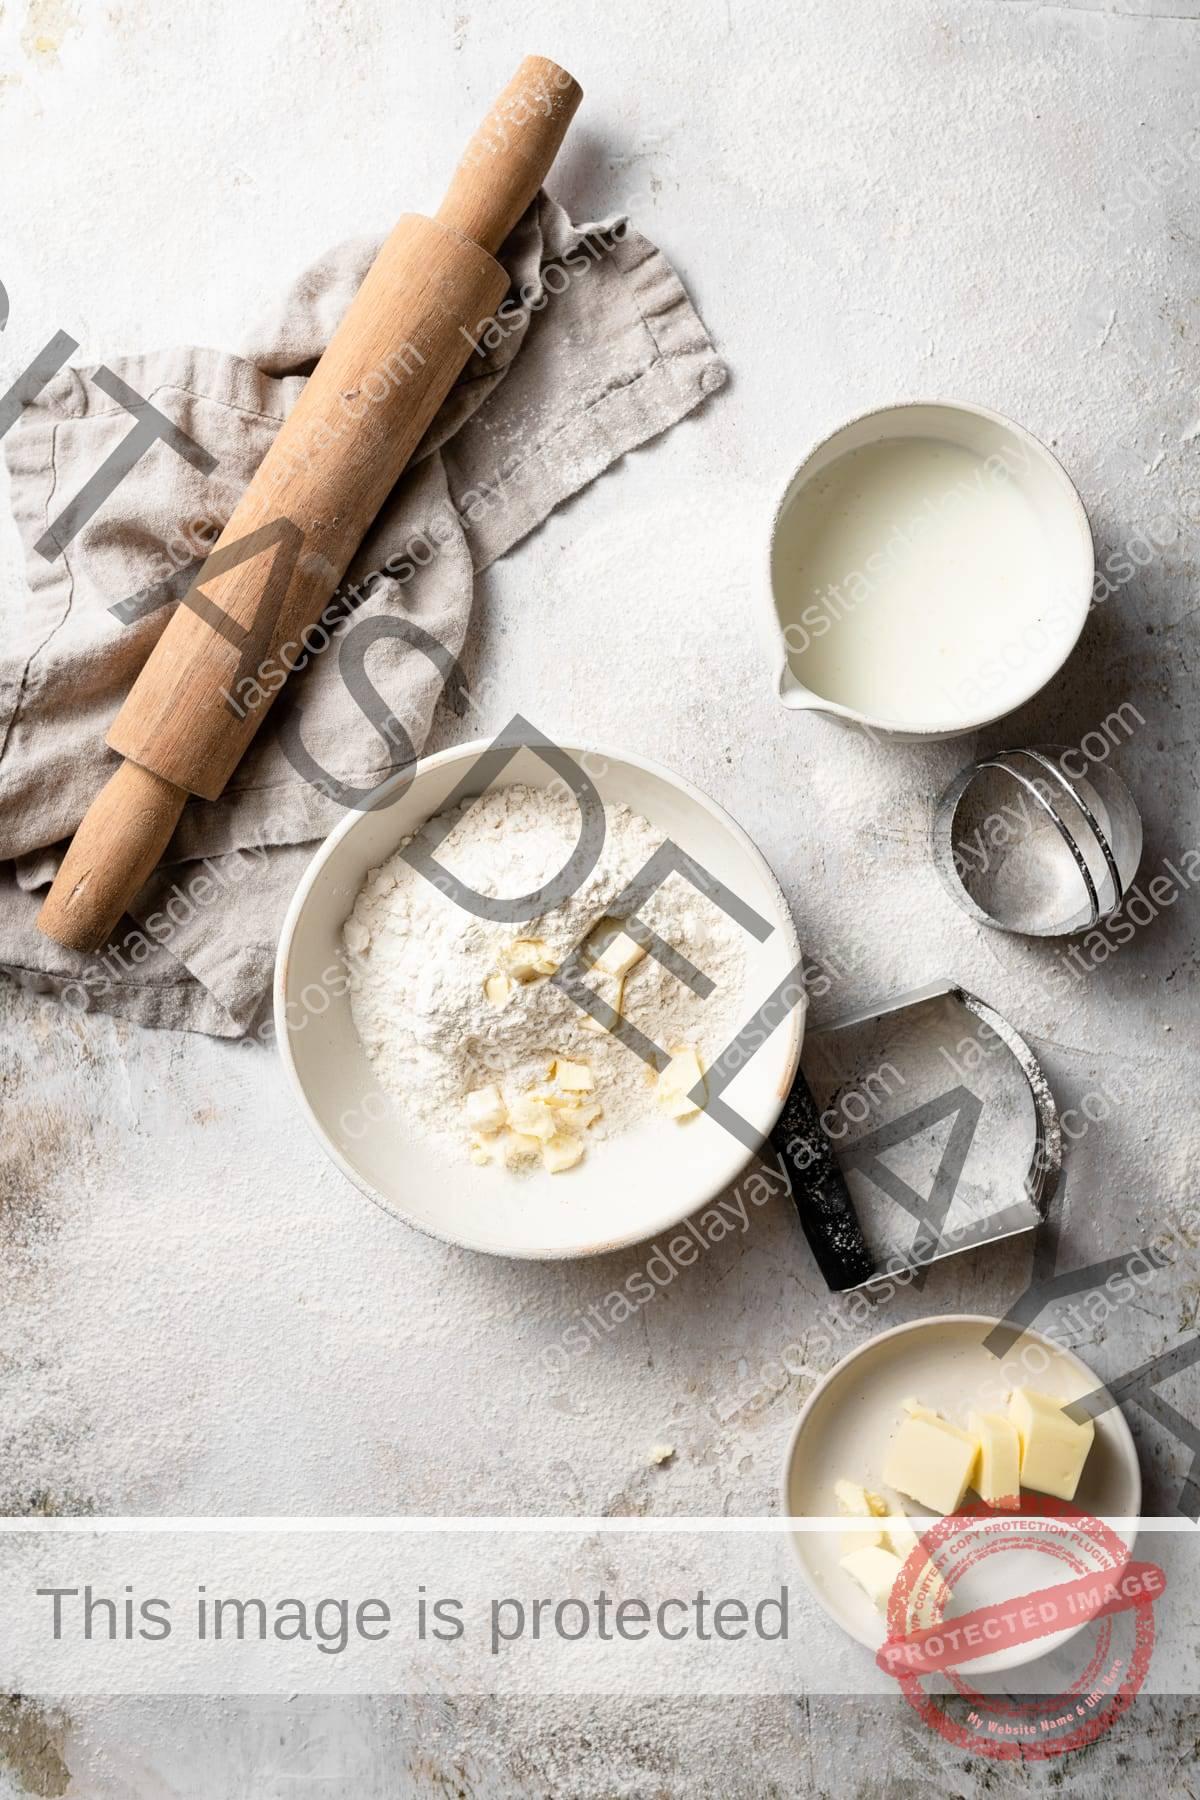 Mostrando los ingredientes de la galleta, incluida la mezcla de harina, mantequilla y suero de leche en tazones para mezclar. Rodillo en el lateral y paño de cocina beige.